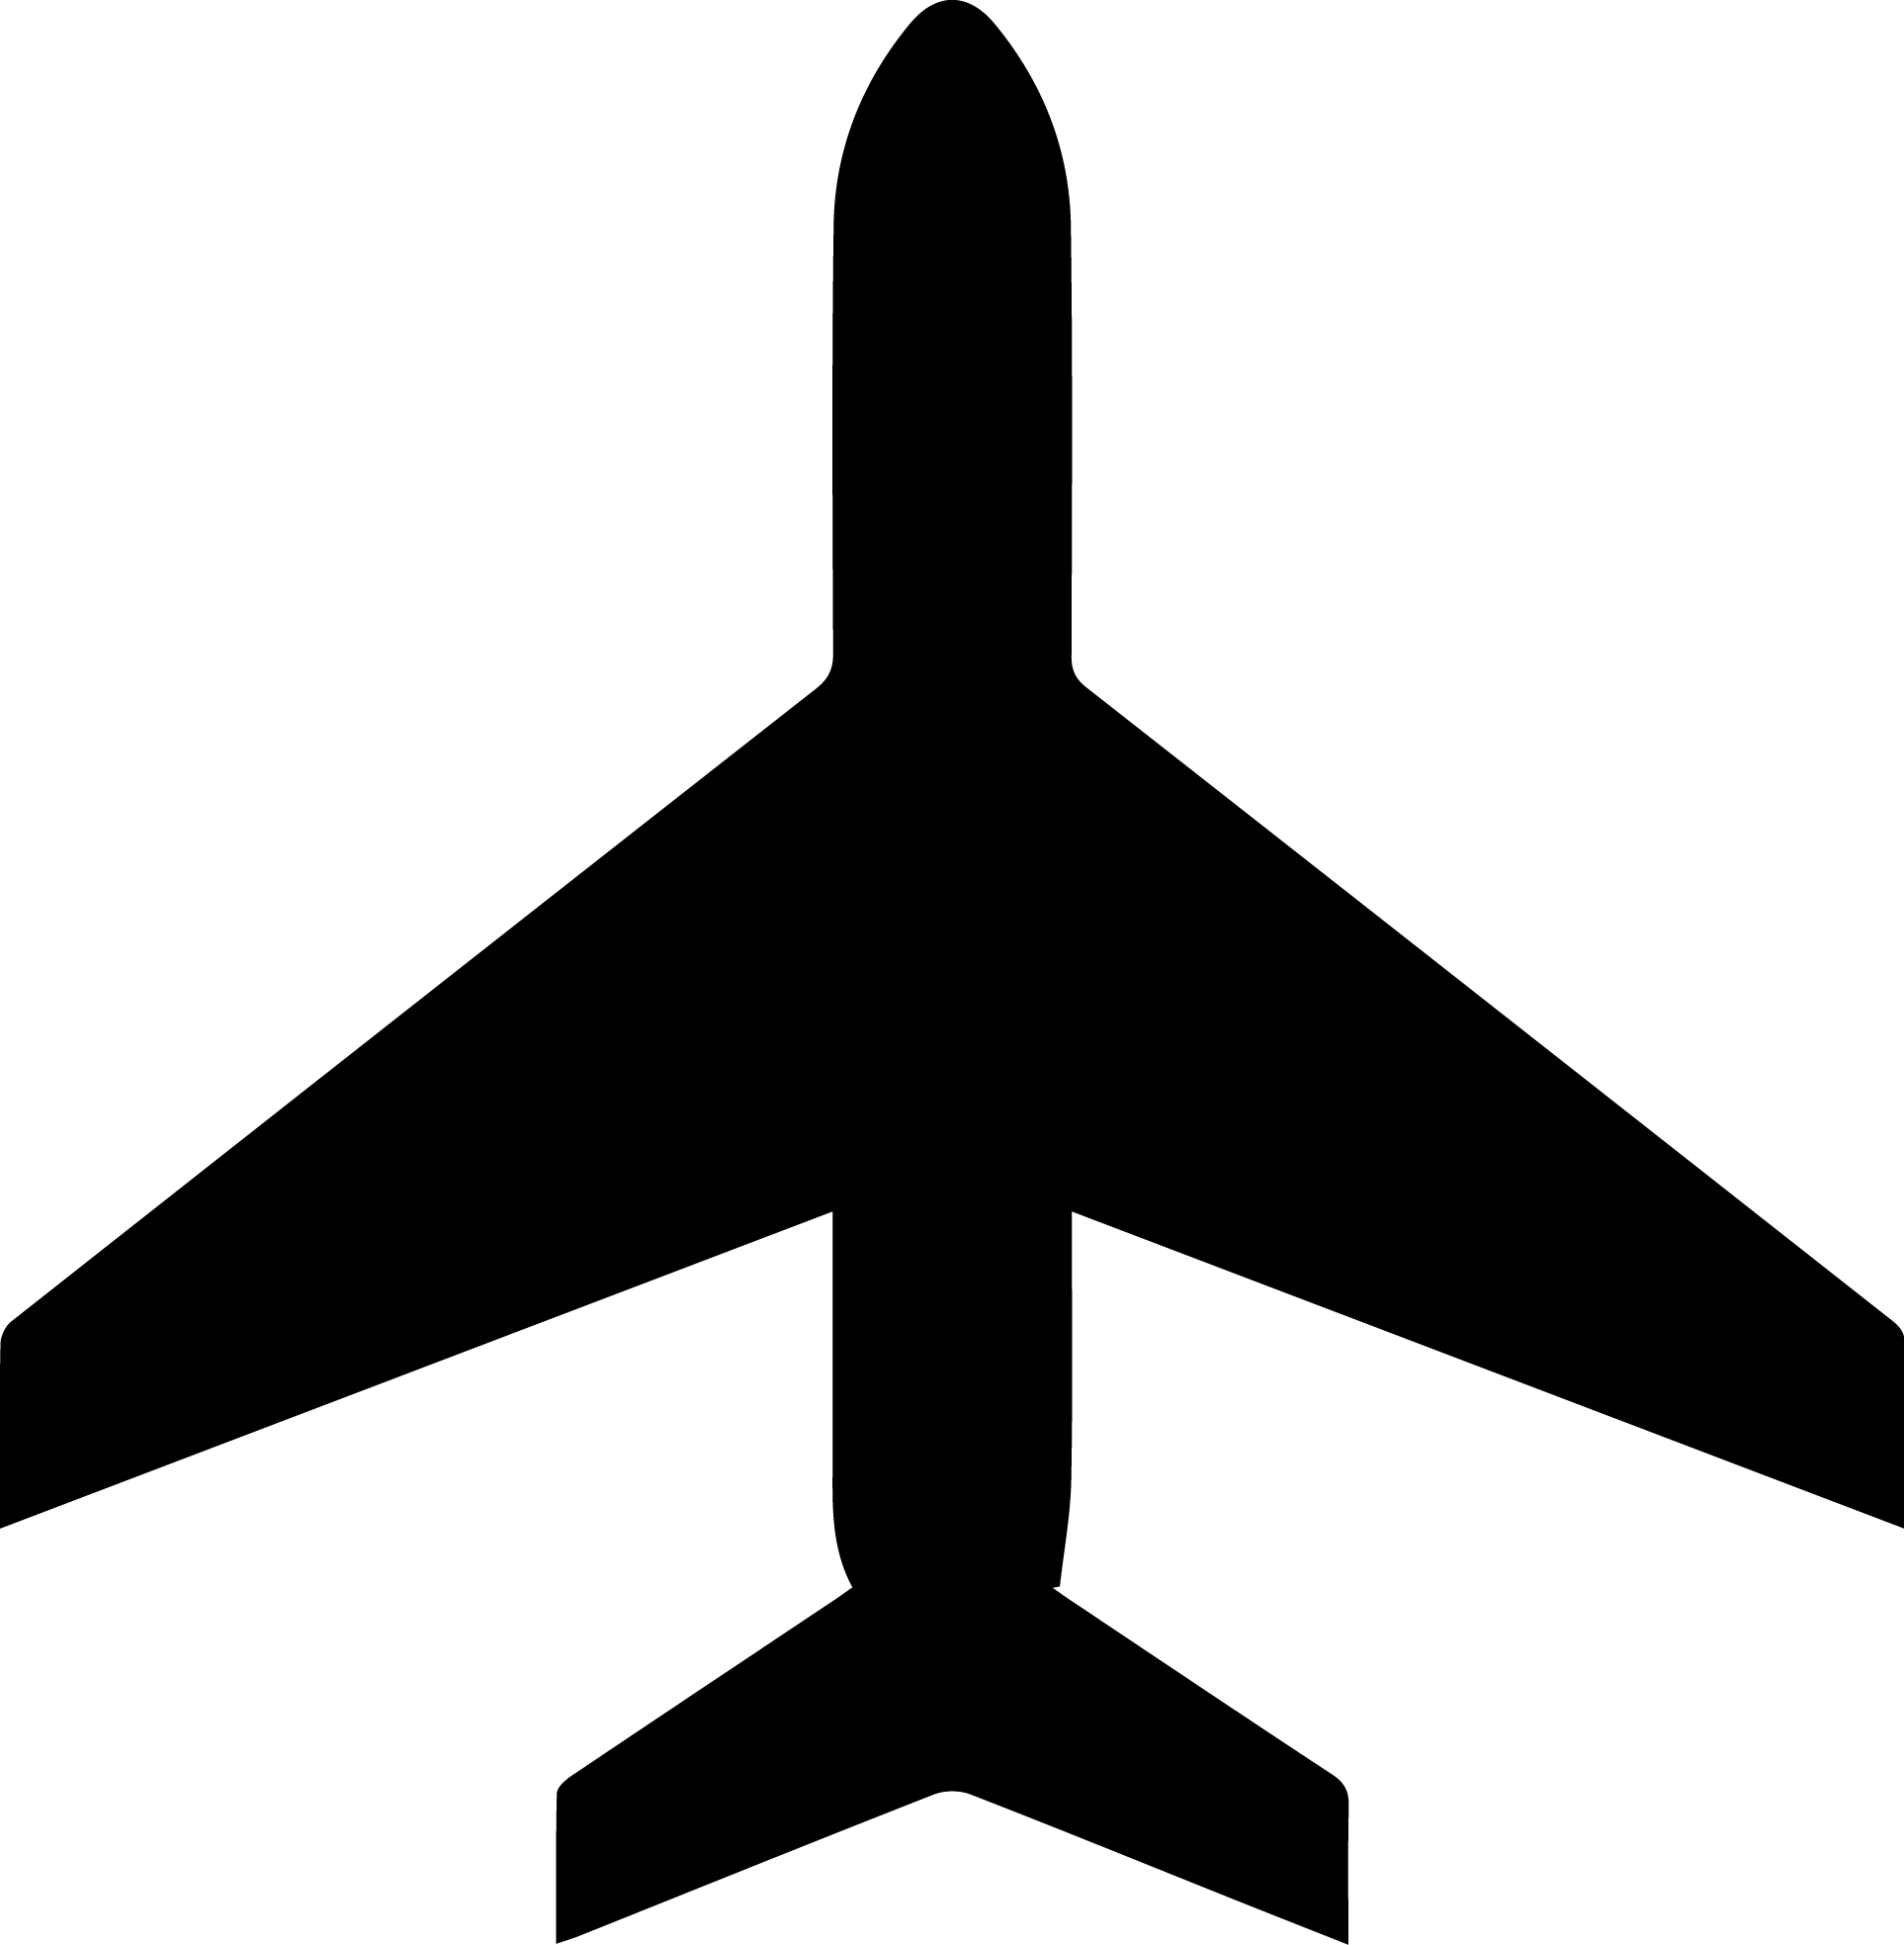 Plane Clipart Icon.